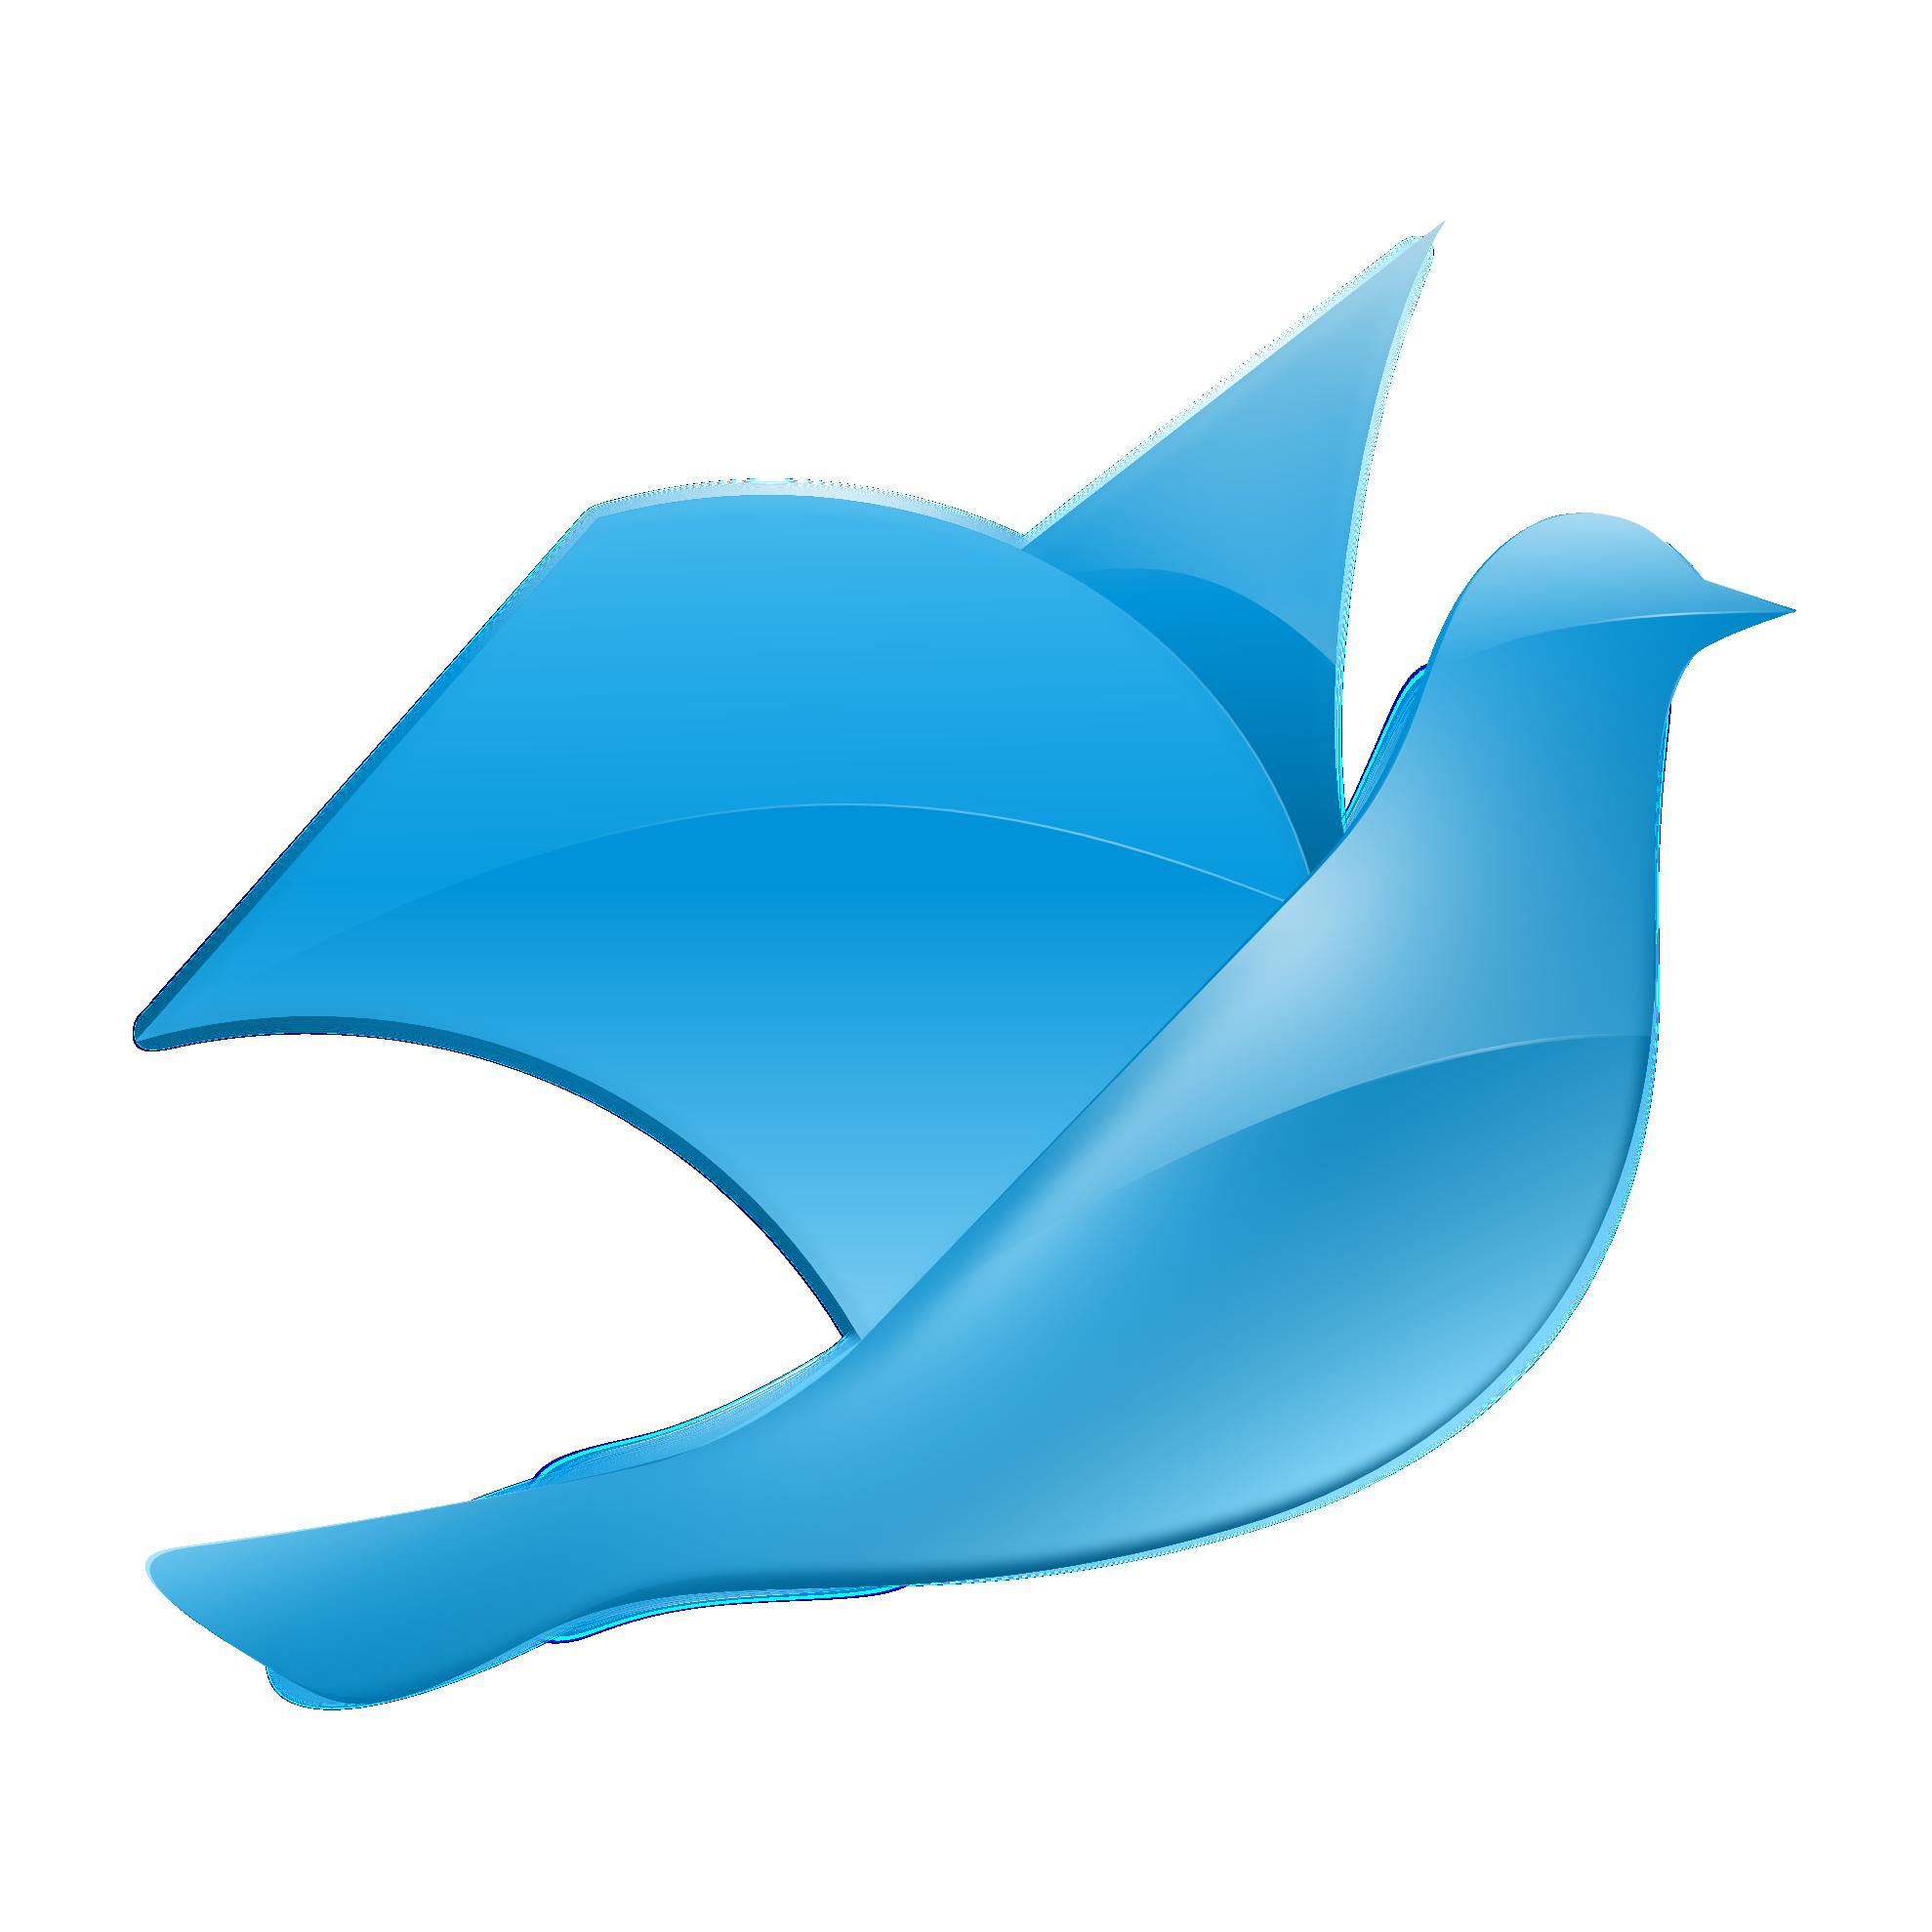 Logo Design by lakshkhamesra - Entry No. 1 in the Logo Design Contest Artistic Logo Design for Tanya Solis.